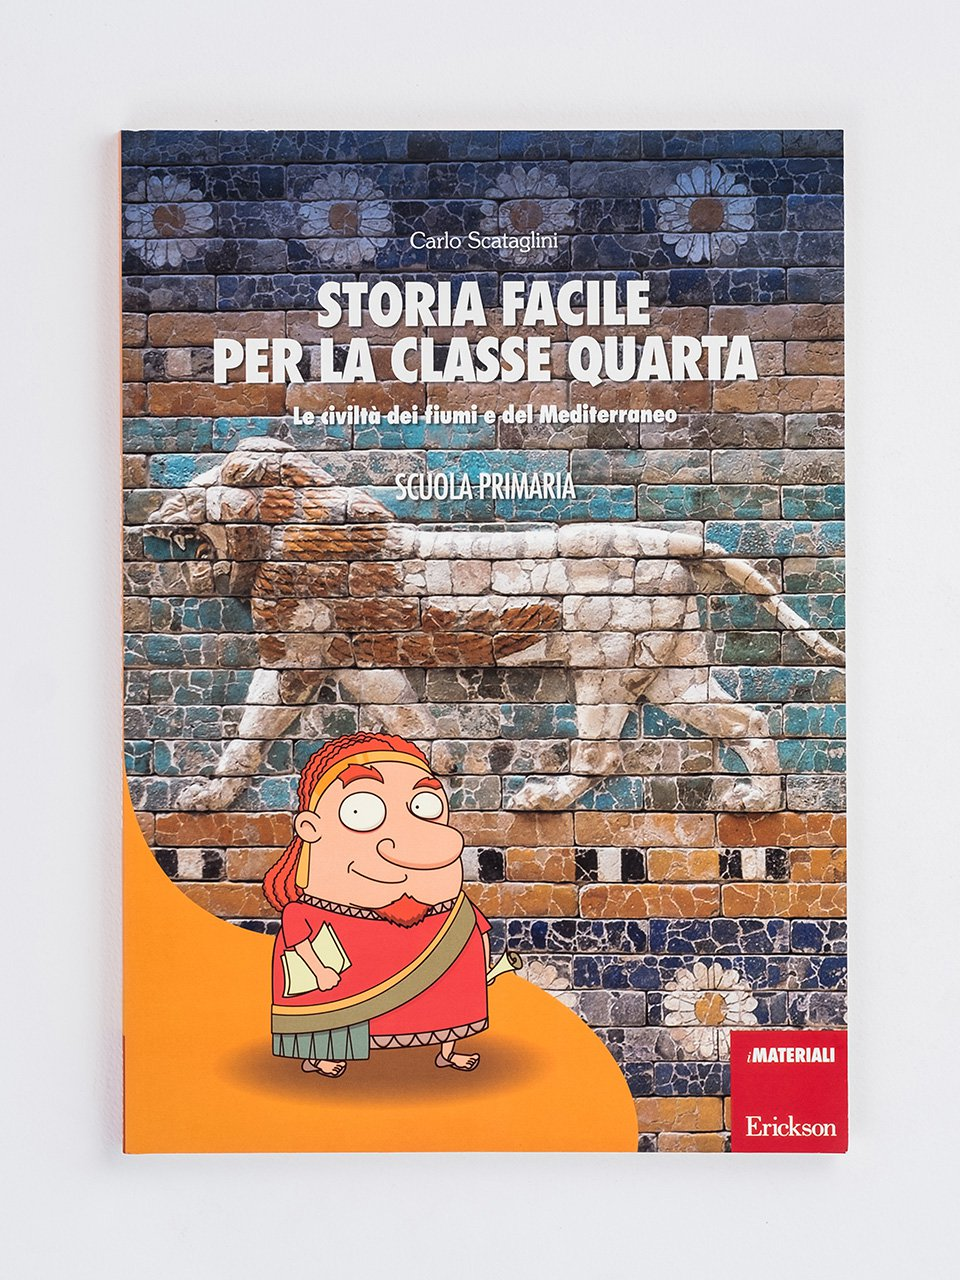 Storia facile per la classe quarta - Storia facile per la classe quinta - Libri - App e software - Erickson